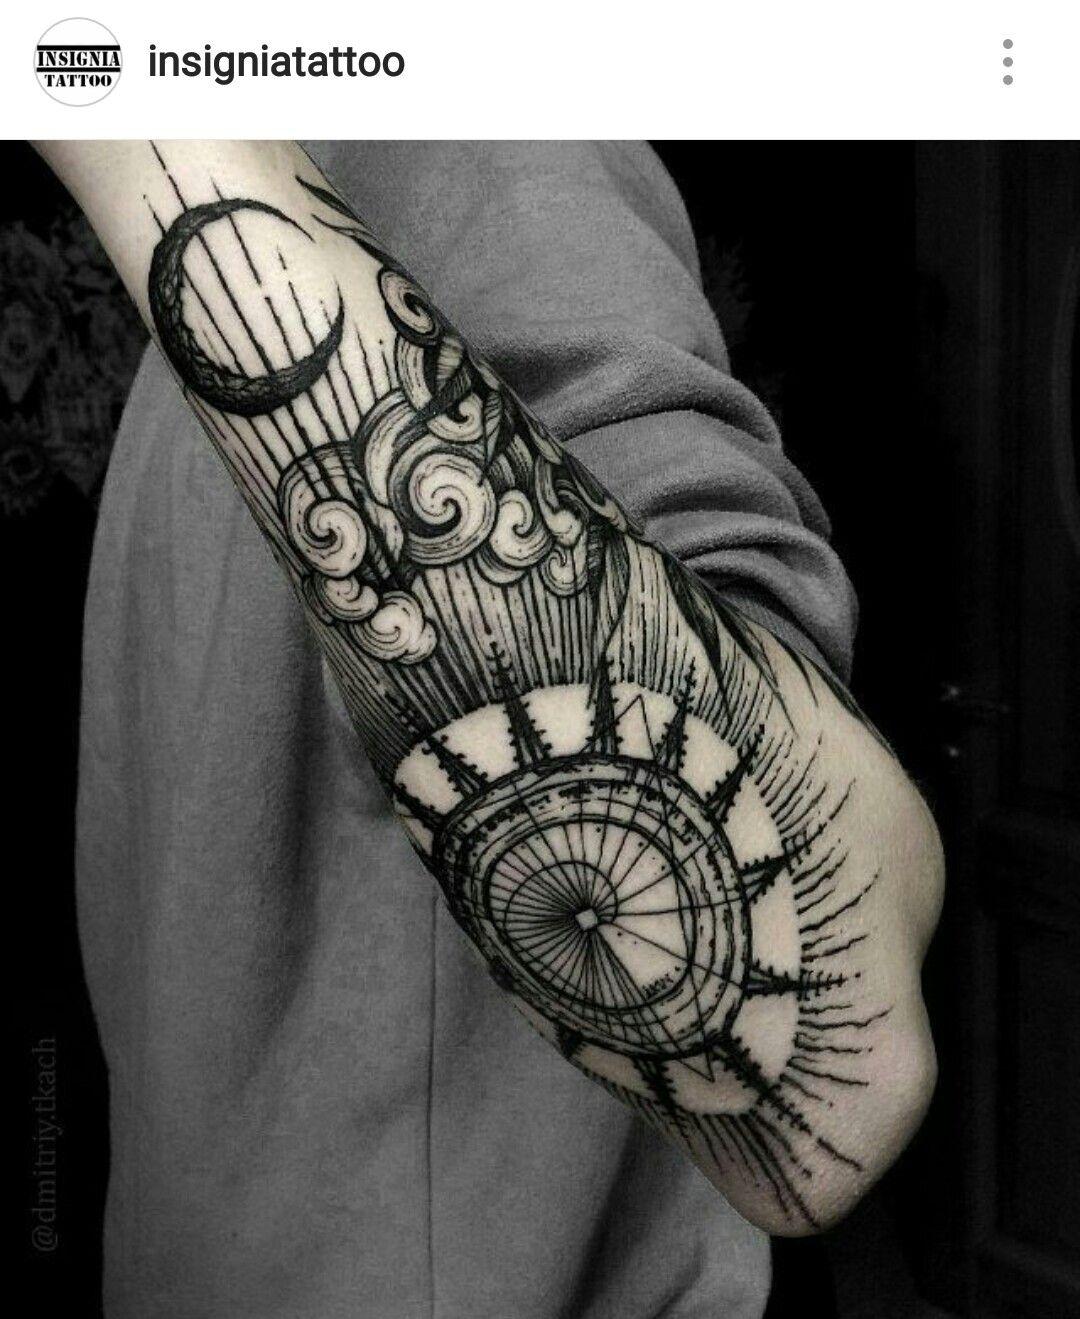 Pingl par ben h sur tattoo ideas pinterest tatouages tatouage noir et cols - Tatouage theme voyage ...